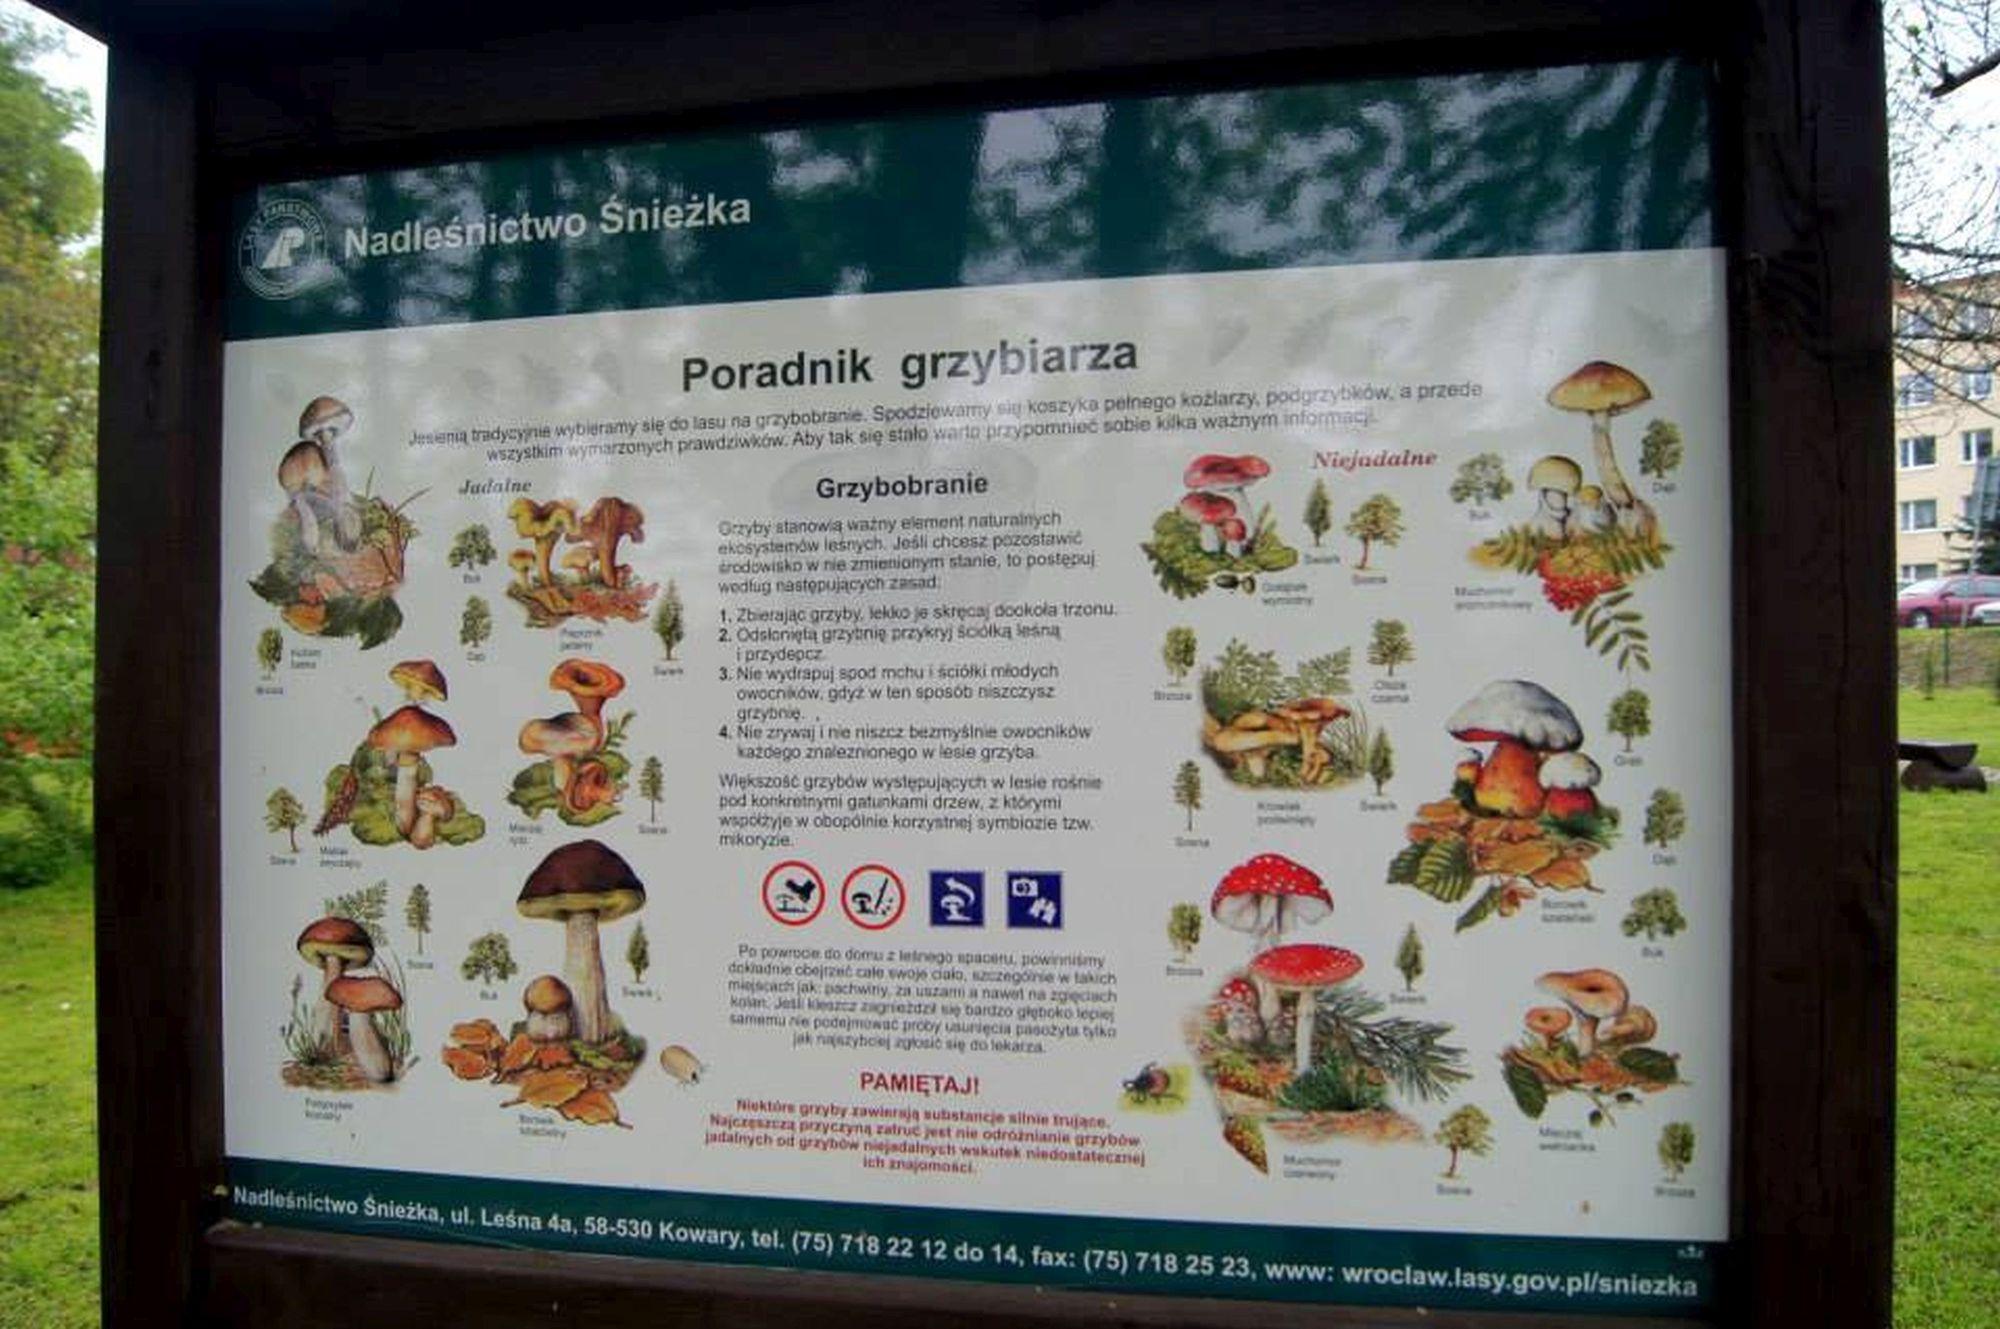 10. Park Nadleśnictwa Śnieżka w Kowarach